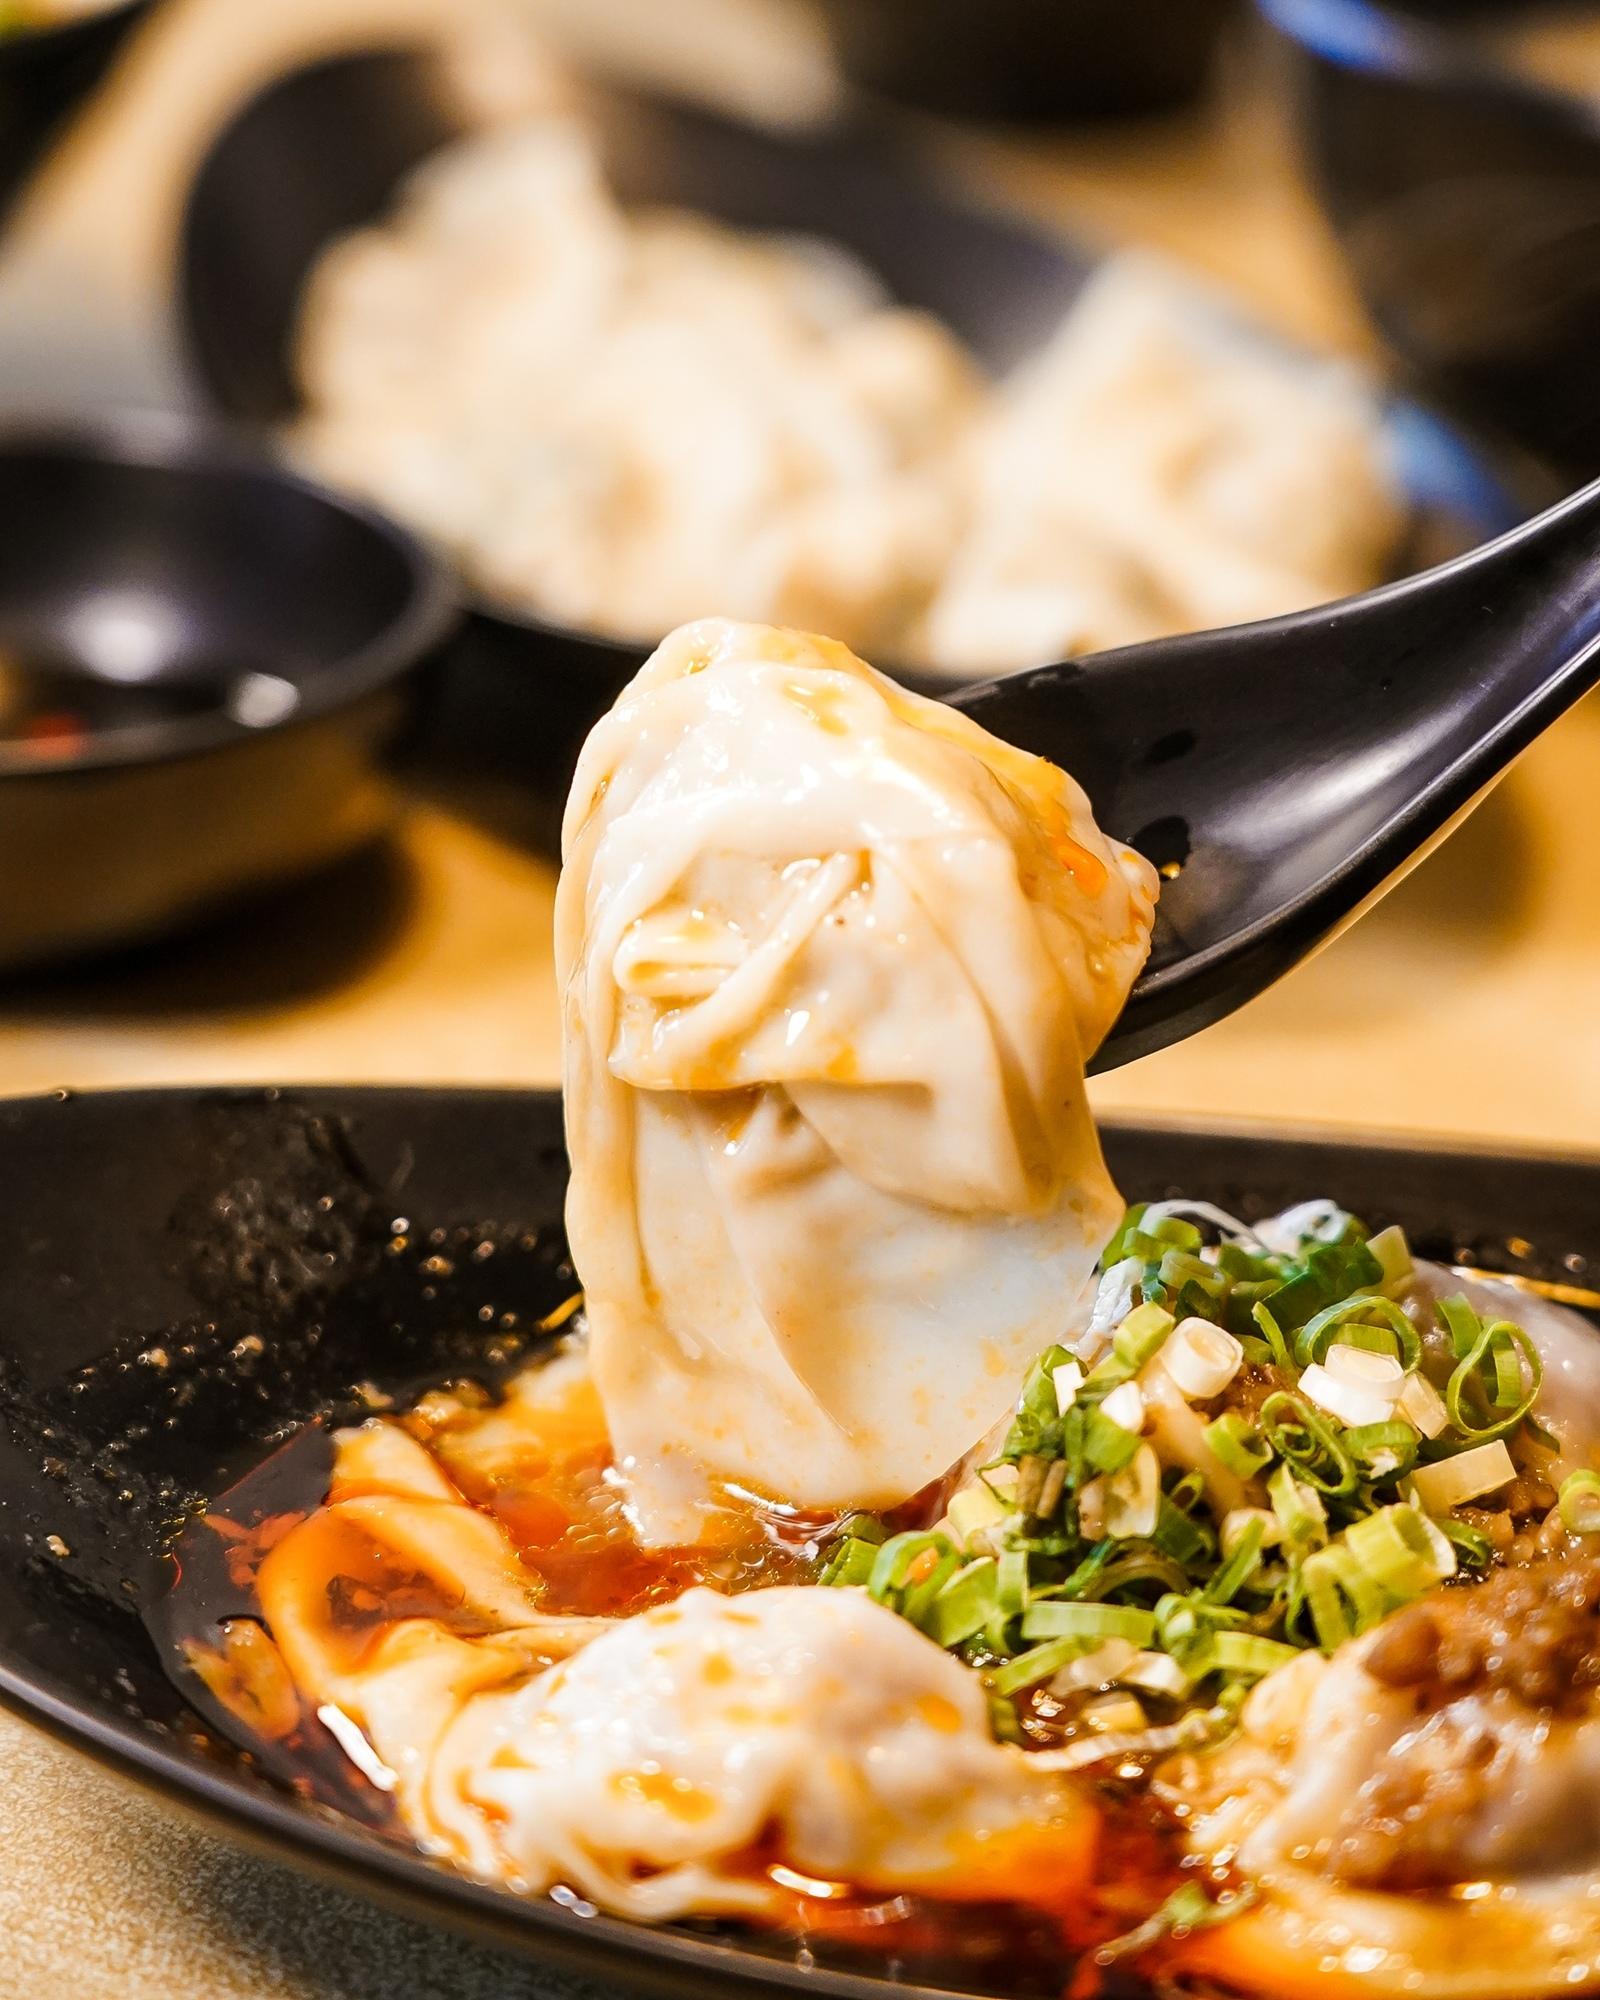 台南中西區美食 東城麵家 結合hiphop與街頭文化的潮流麵店35.jpg